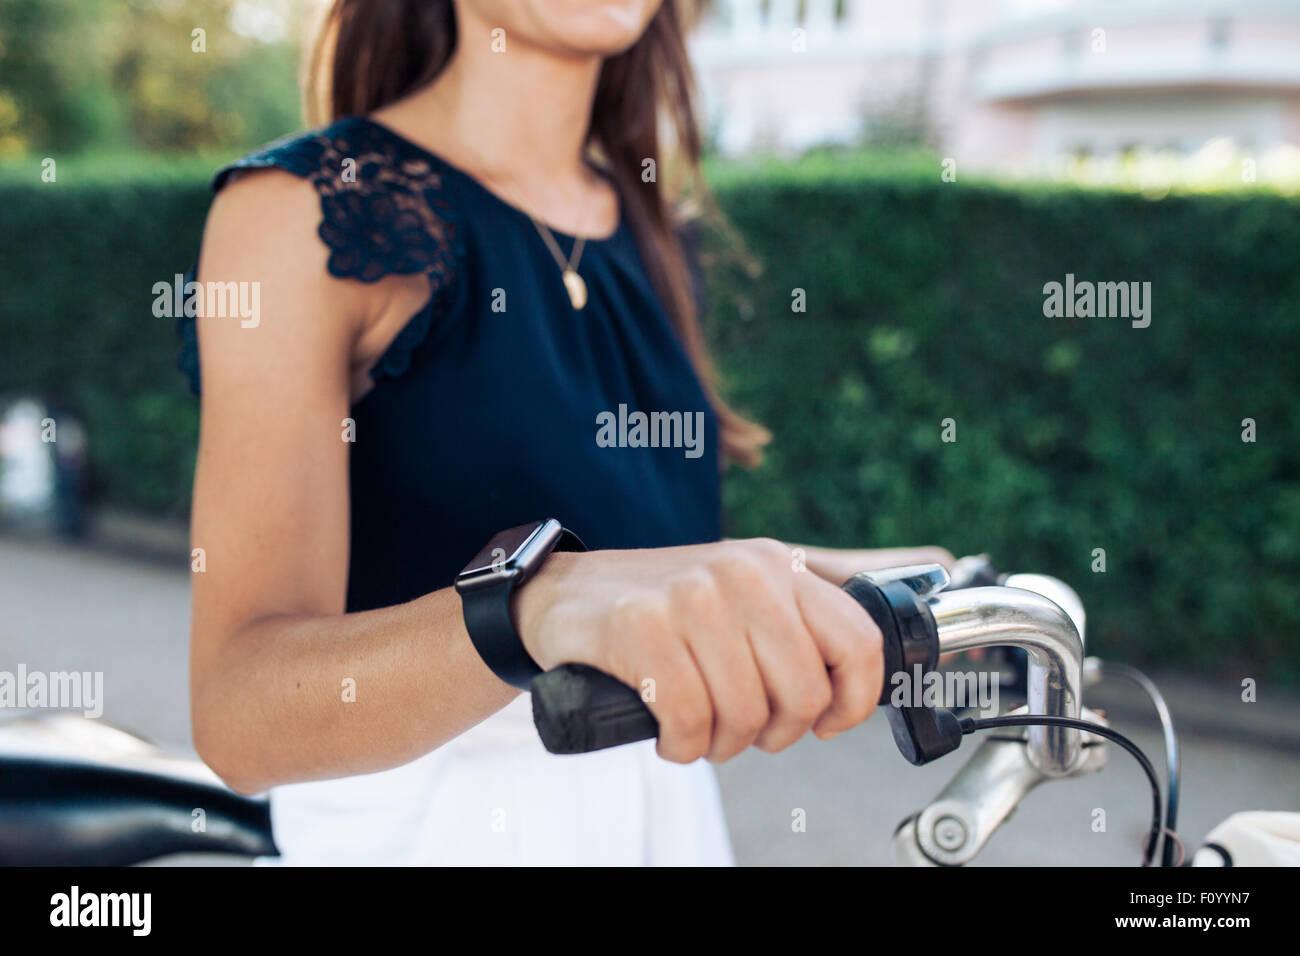 La donna in sella a una moto con un smartwatch. Indossare femmina smart a guardare mentre il ciclismo. Immagini Stock